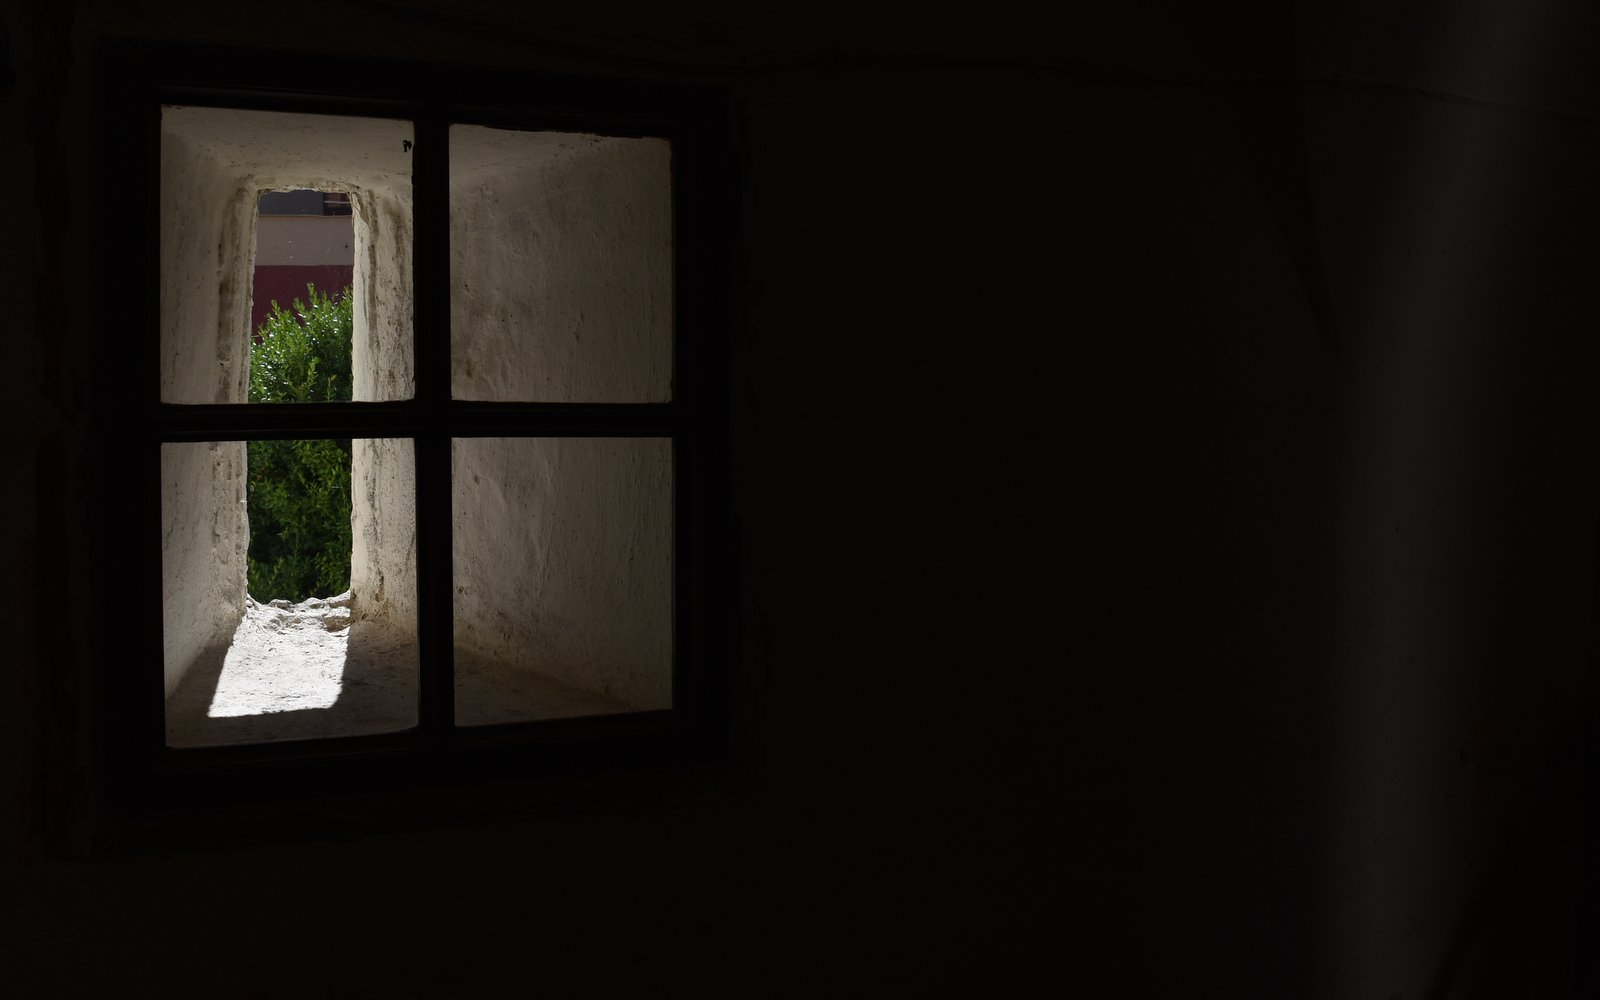 okno, mříž, paprsek světla / -ima